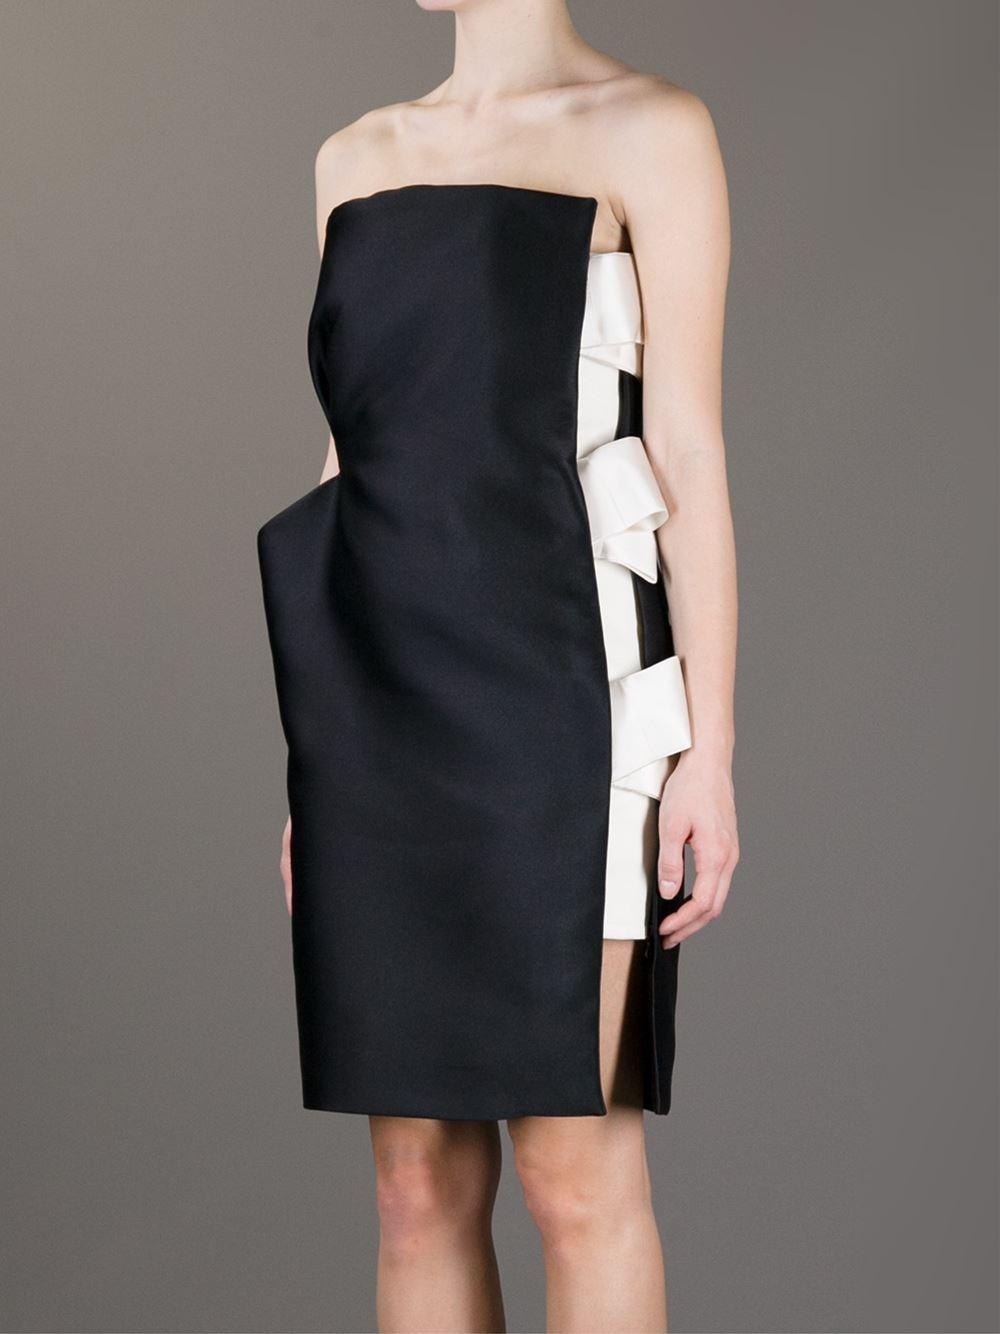 Lanvin Bow Detail Strapless Dress - Biffi - Farfetch.com